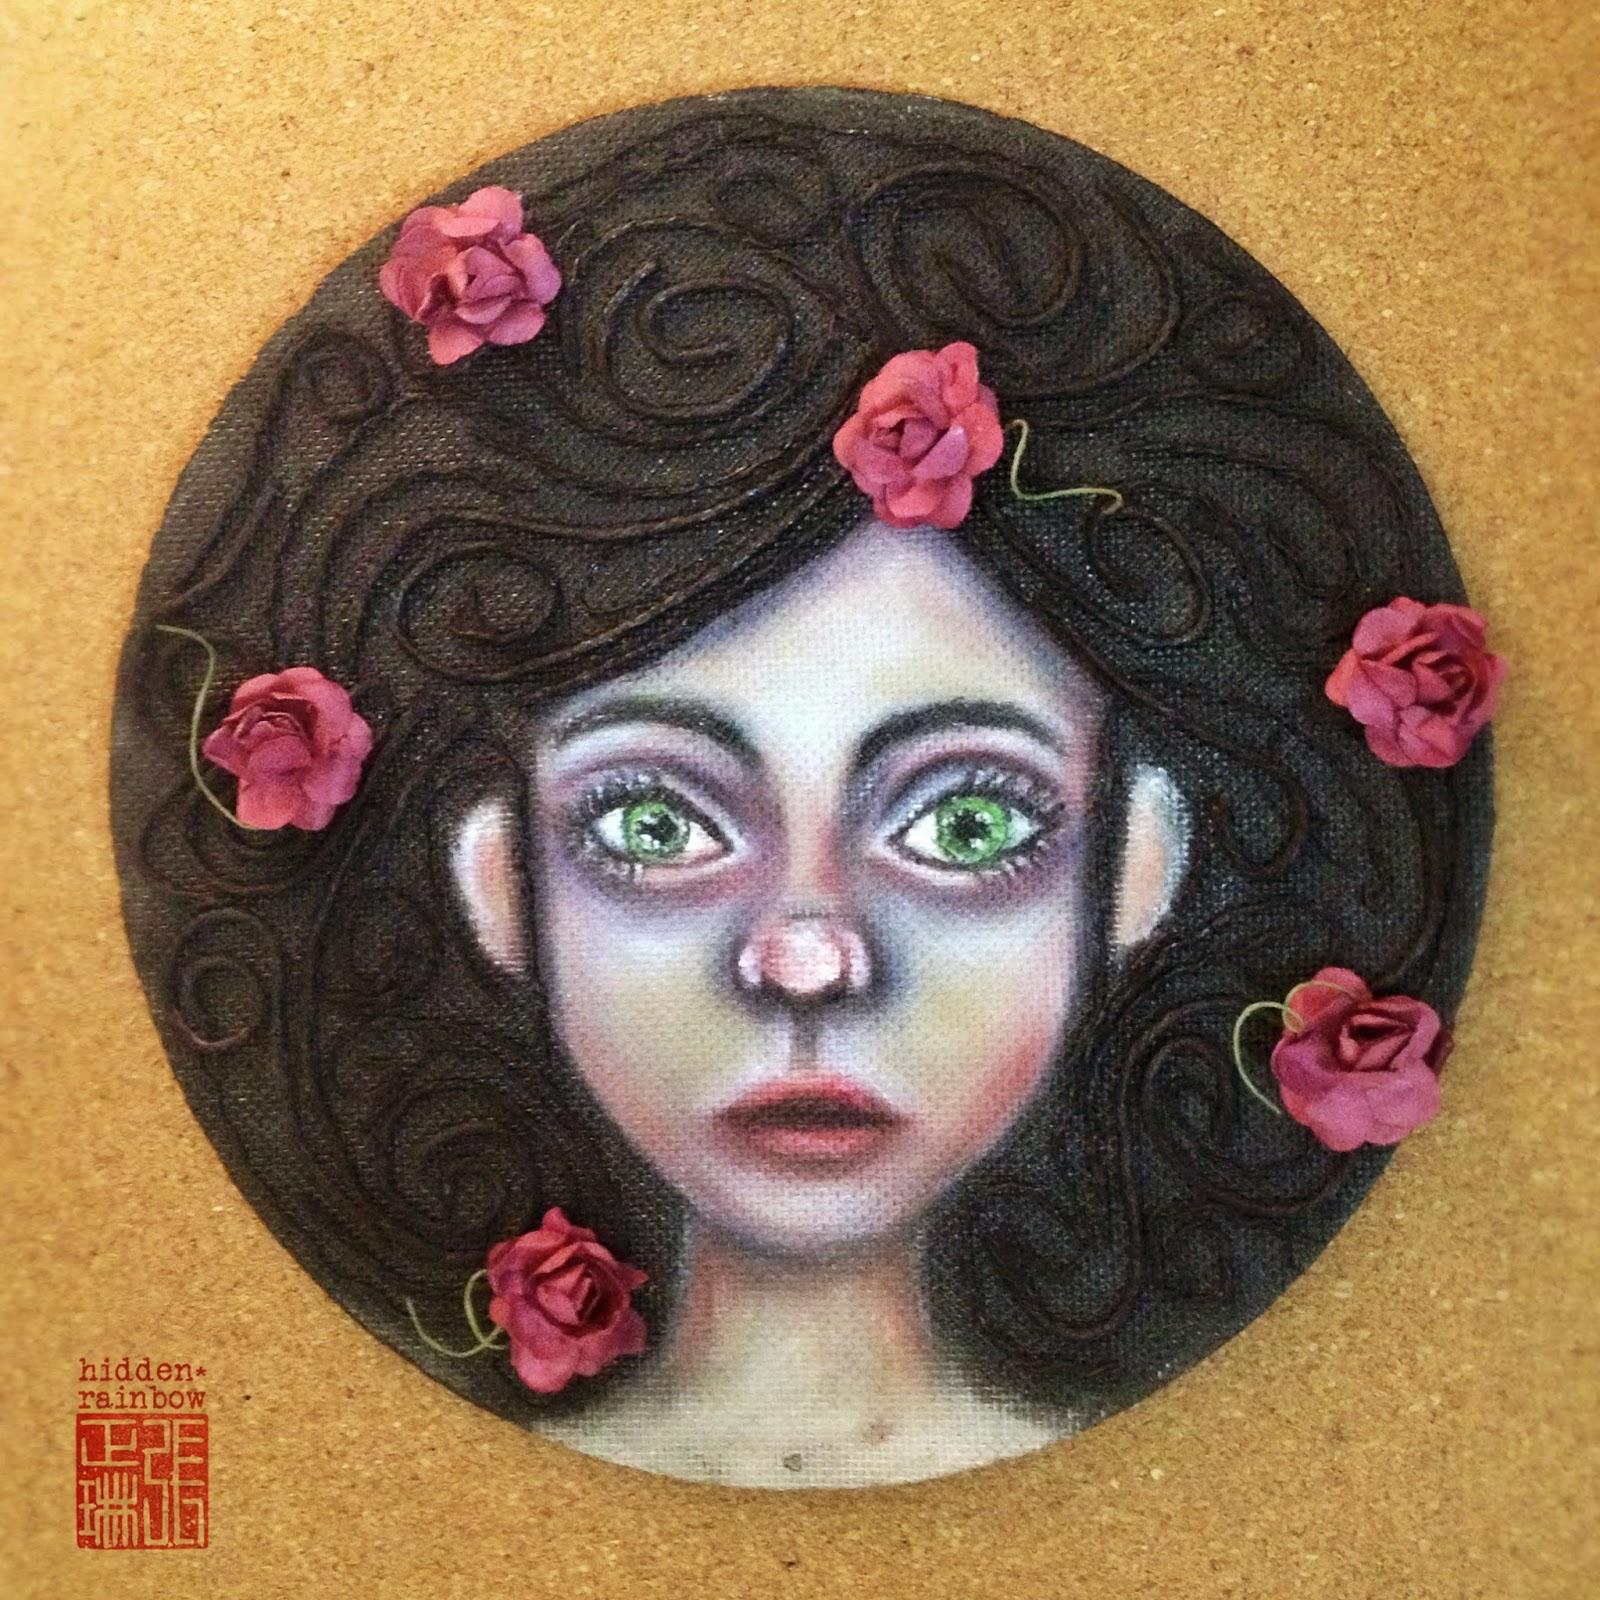 http://jlynnppg.deviantart.com/art/flower-girl-467554979